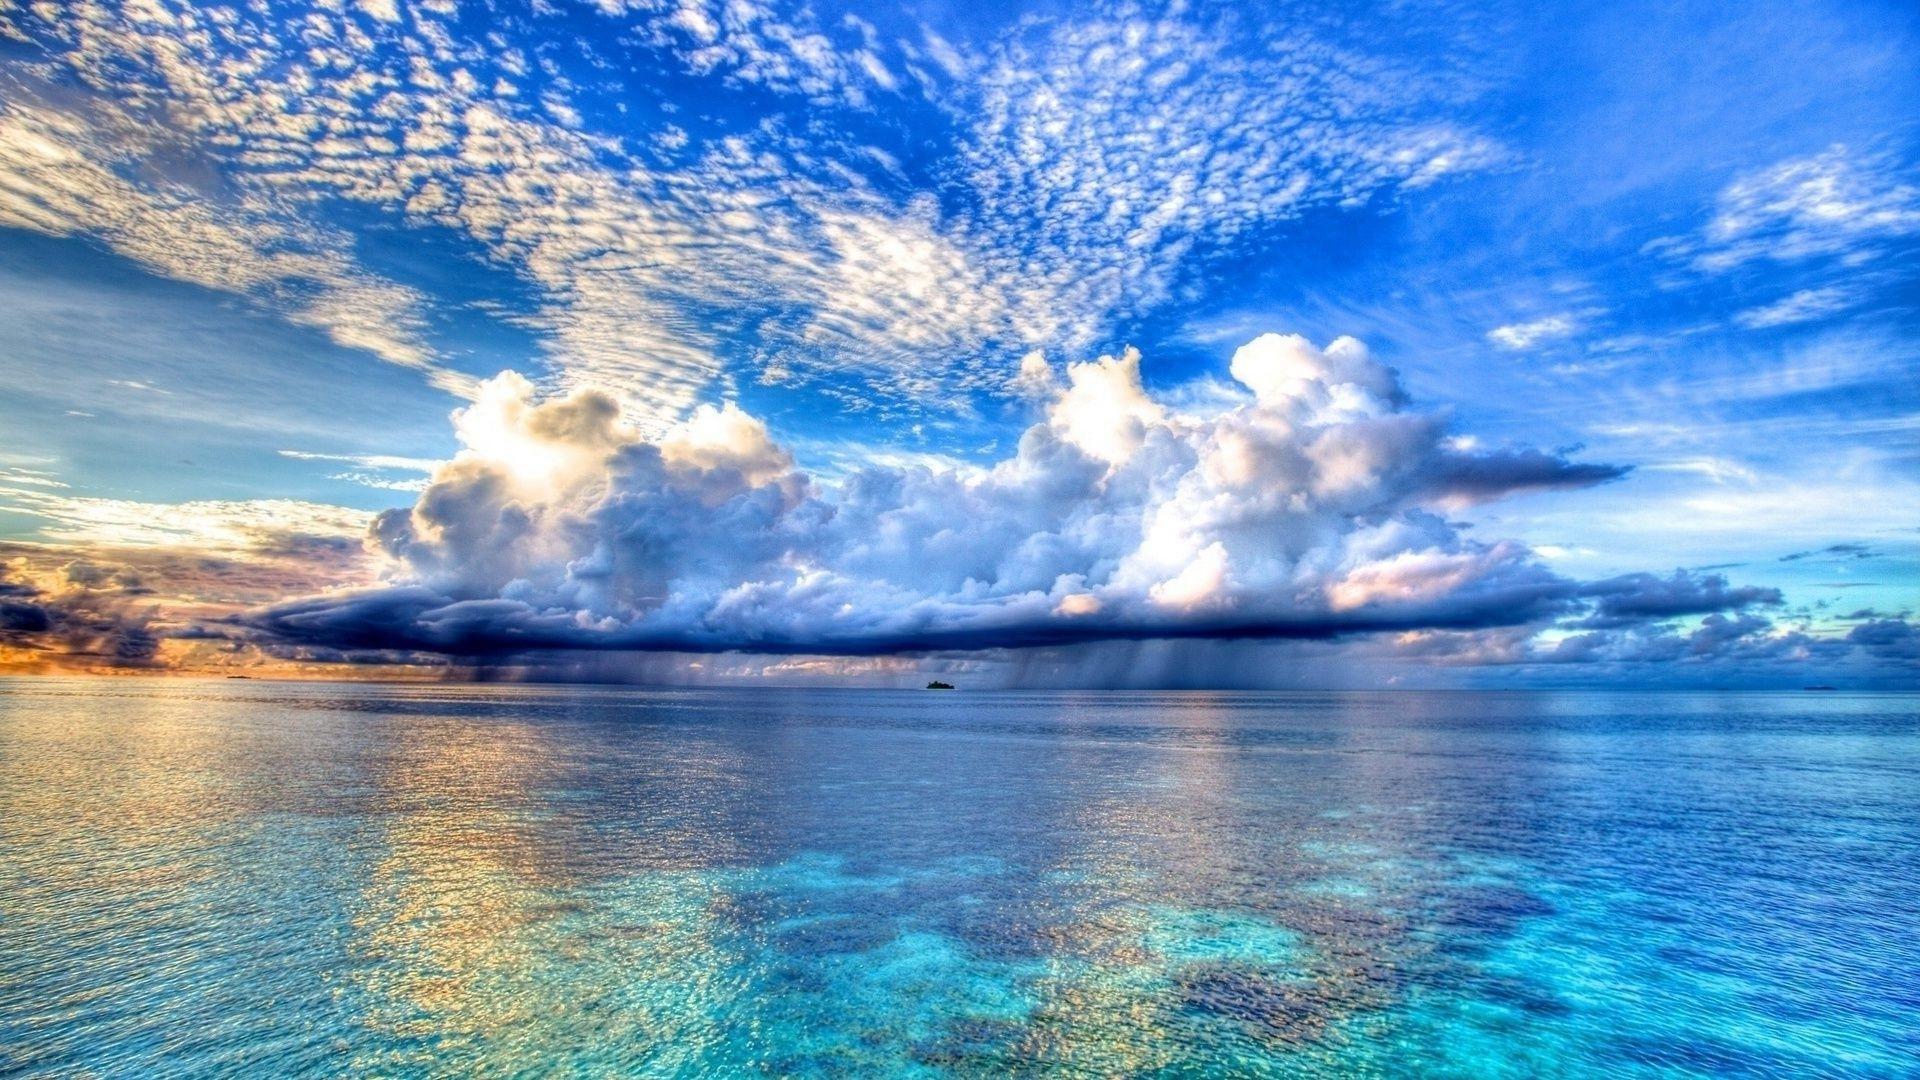 Scenery HD Wallpaper